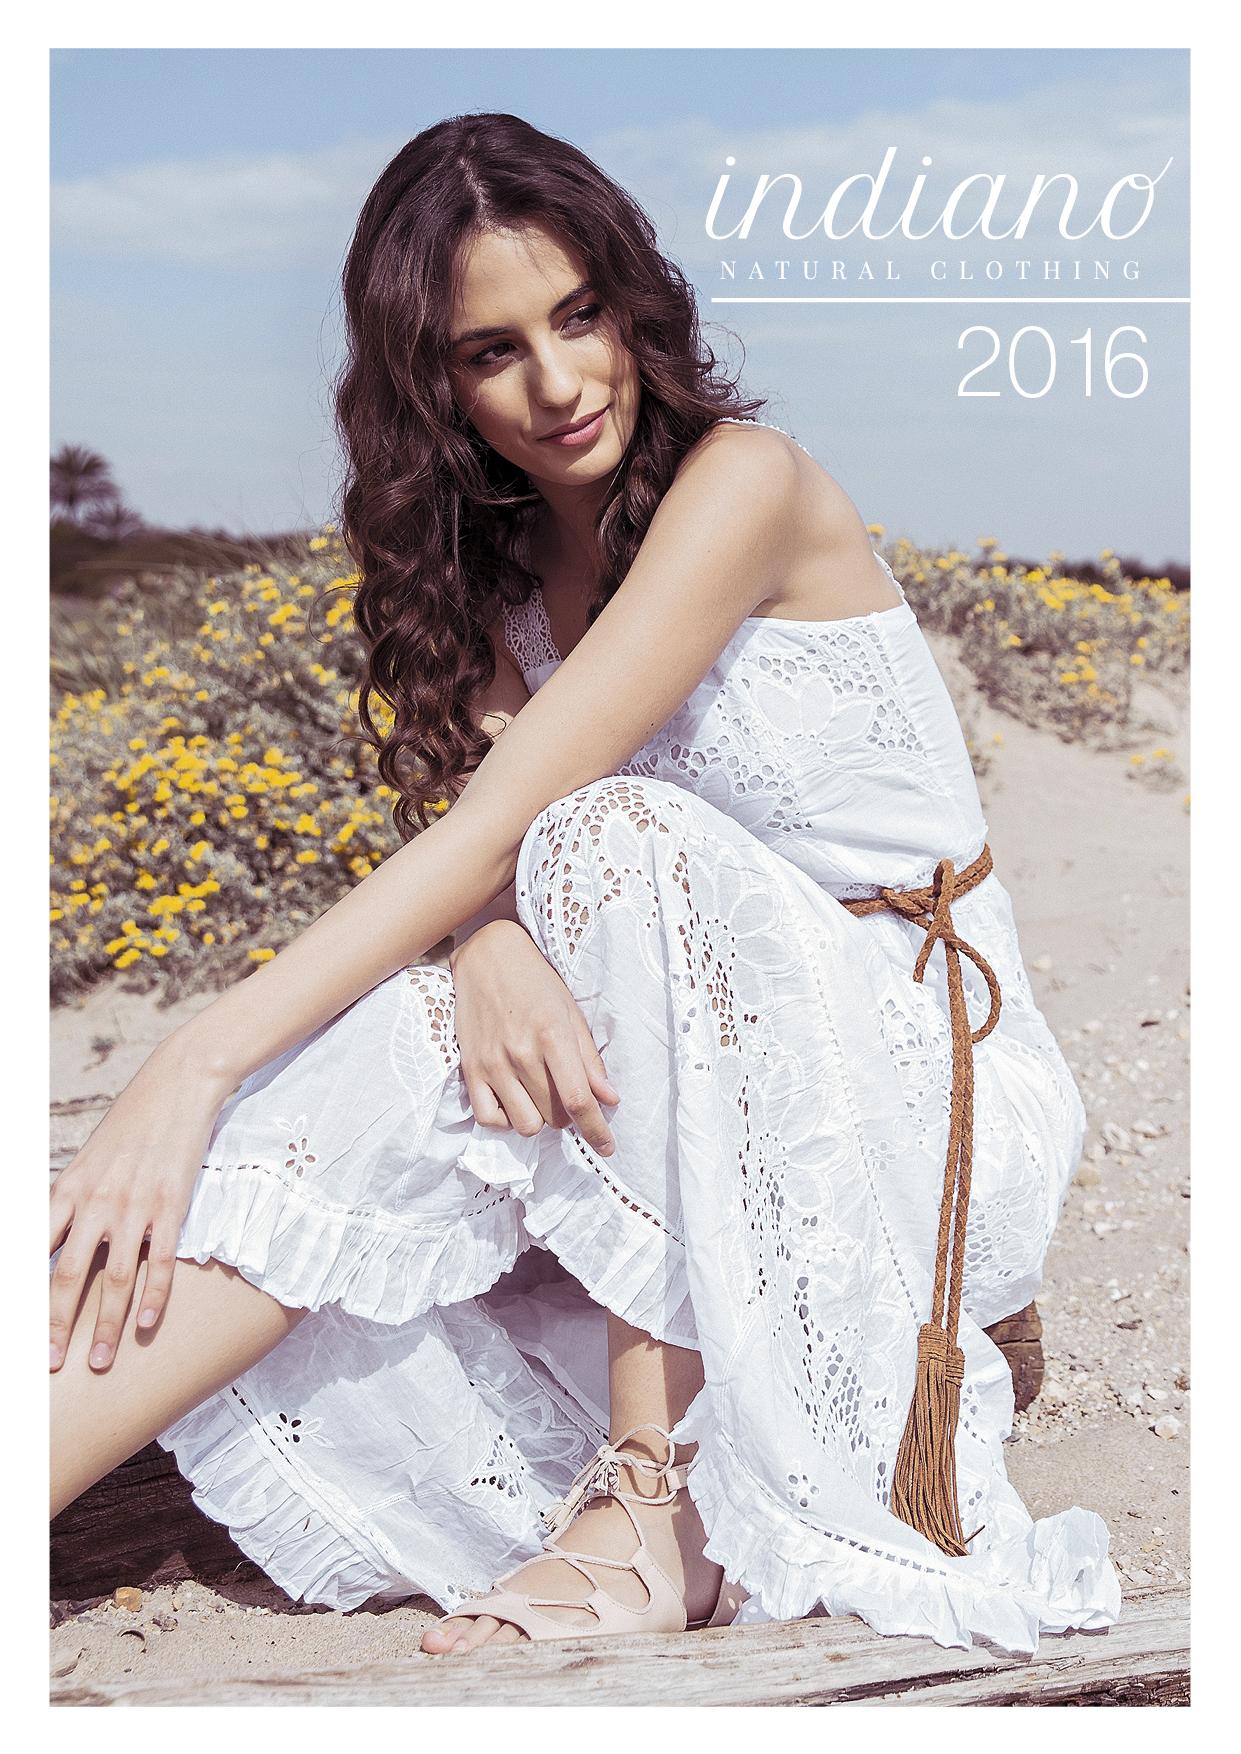 Долгожданная, сногсшибательная новая коллекция-2016 от INDIANO! И Финальная распродажа 2015!